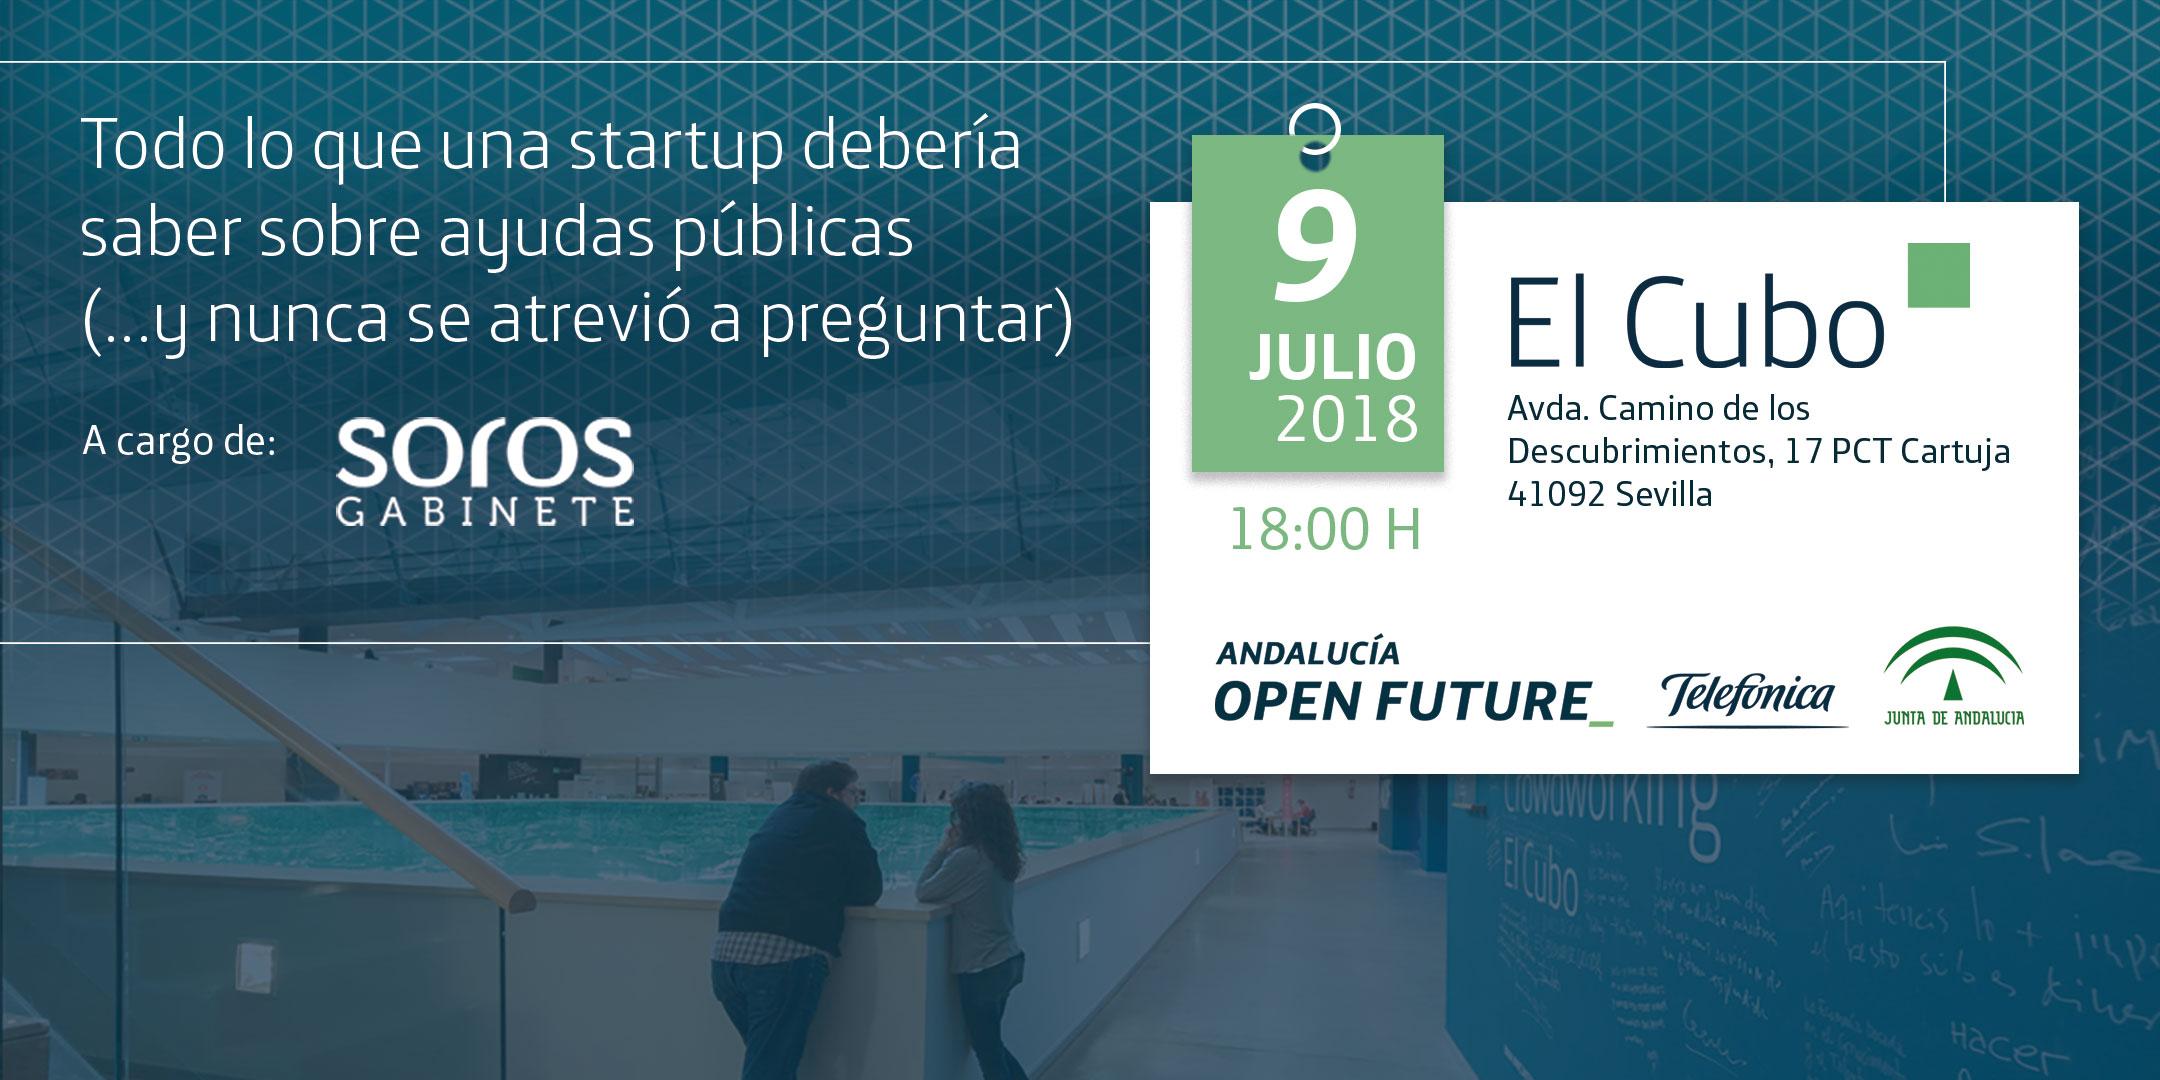 Evento sobre Ayudas Públicas en El Cubo